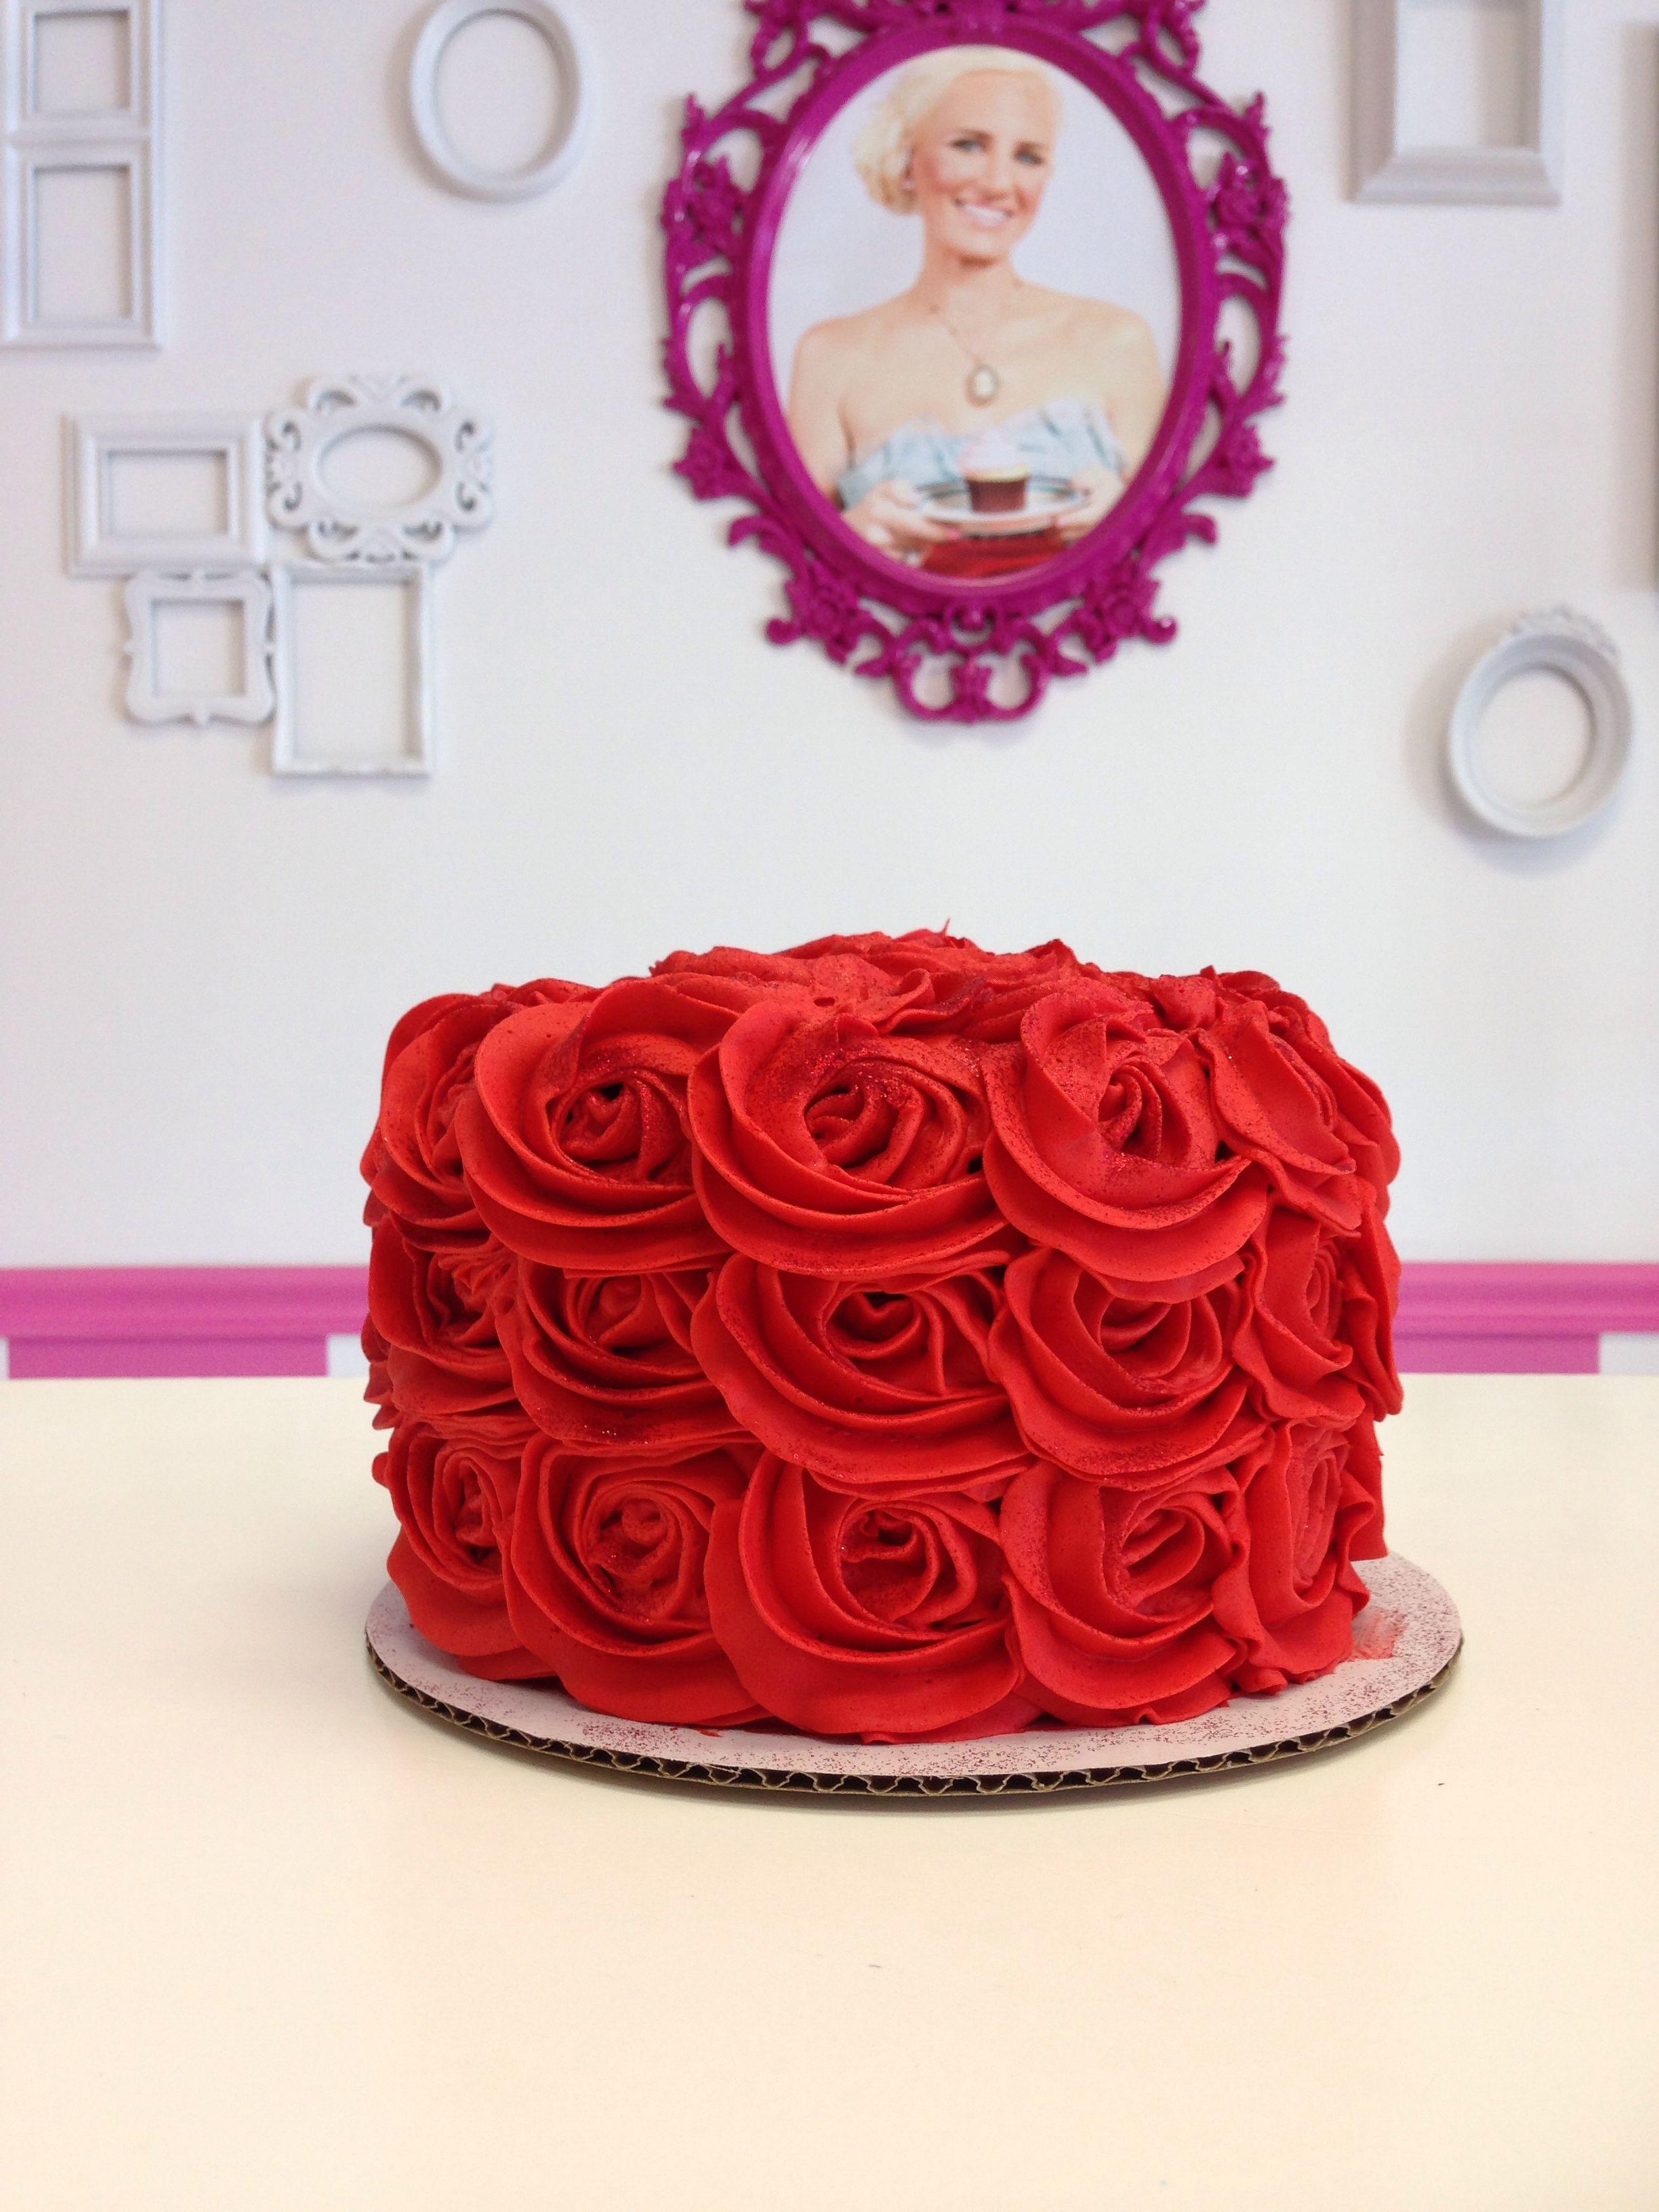 Red Rose Cake By Googirls Elegant Rosette Cake Tea